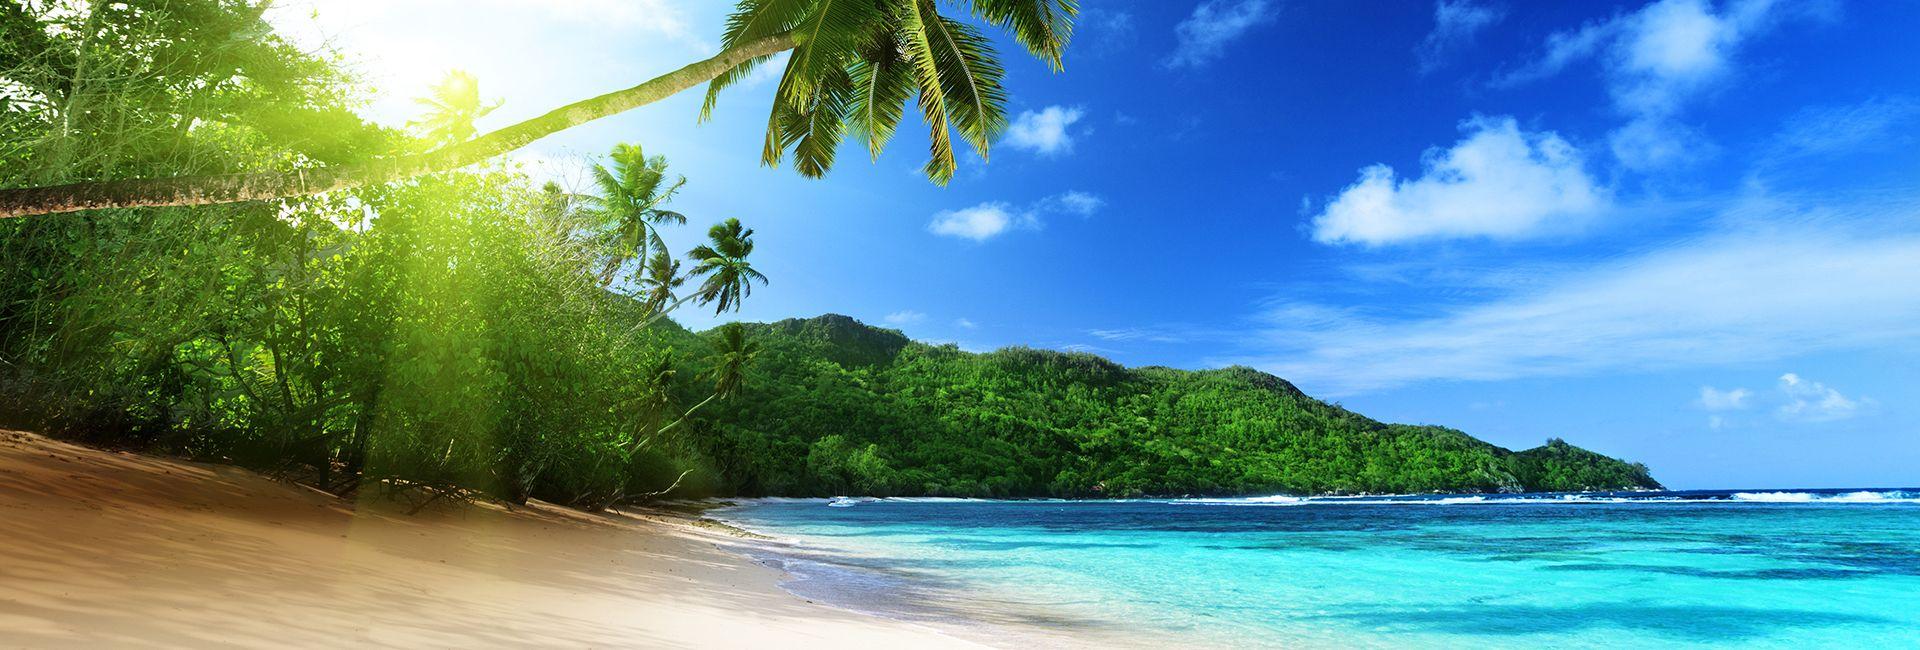 Du lịch đảo Bình Lập - vùng đất nguyên thủy xinh đẹp tại Nha Trang